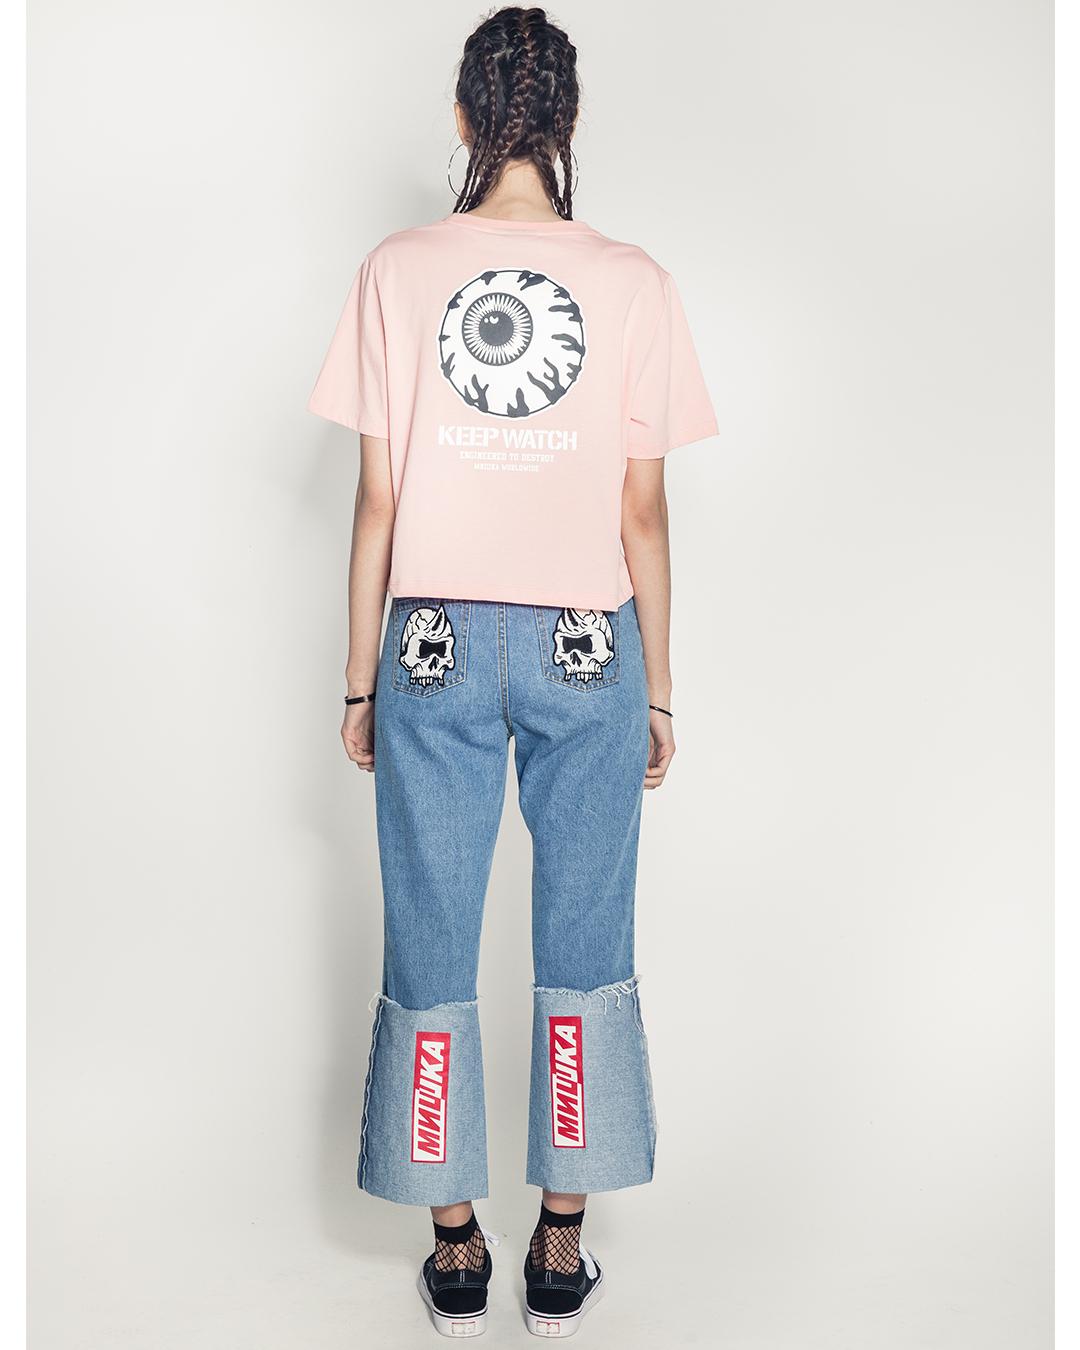 Keep Watch Girl's Shirt (Pink)